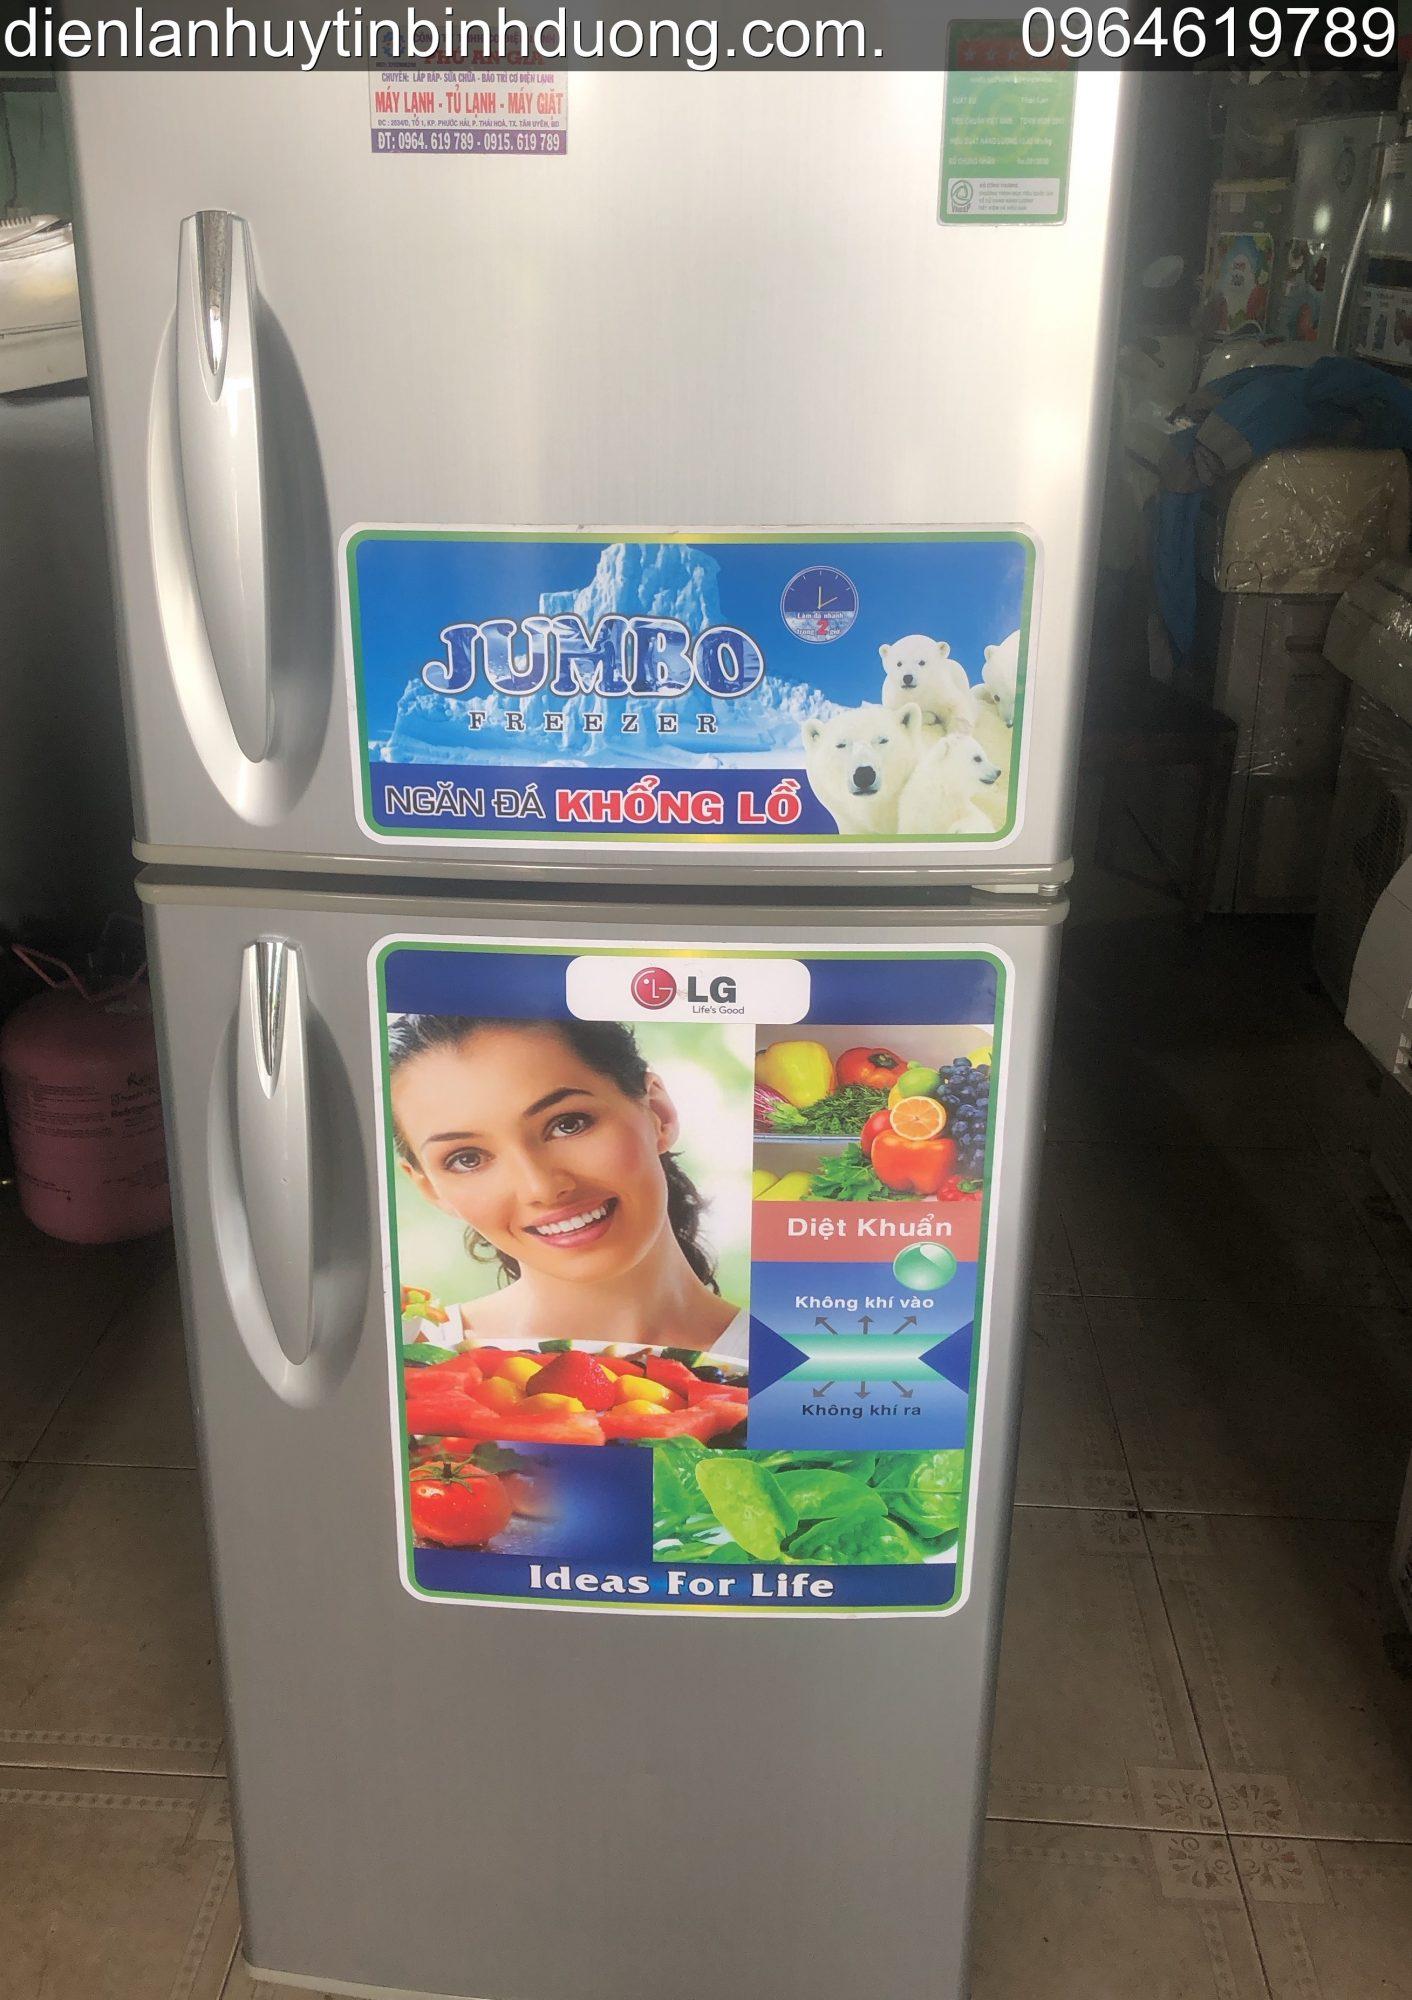 Tủ lạnh LG 210 lít Củ (đã qua sử dụng còn 90%) - ĐT: 0964619789